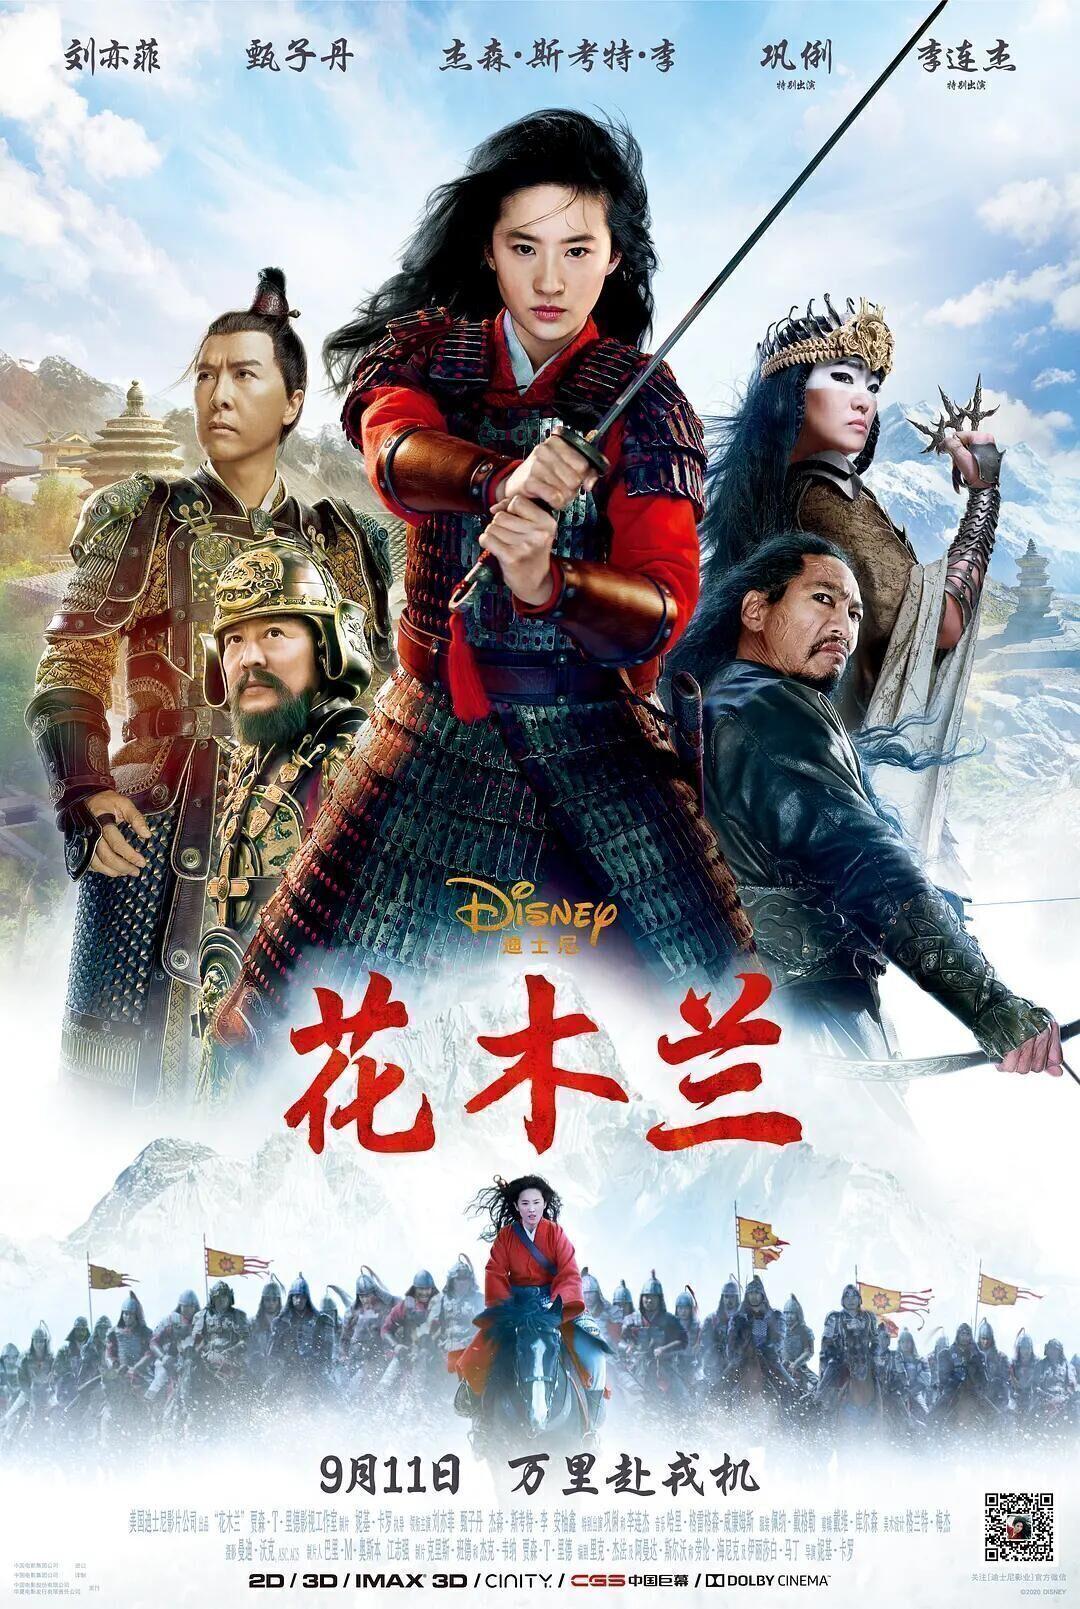 2020花木兰电影抢先看 皇帝颁布法令